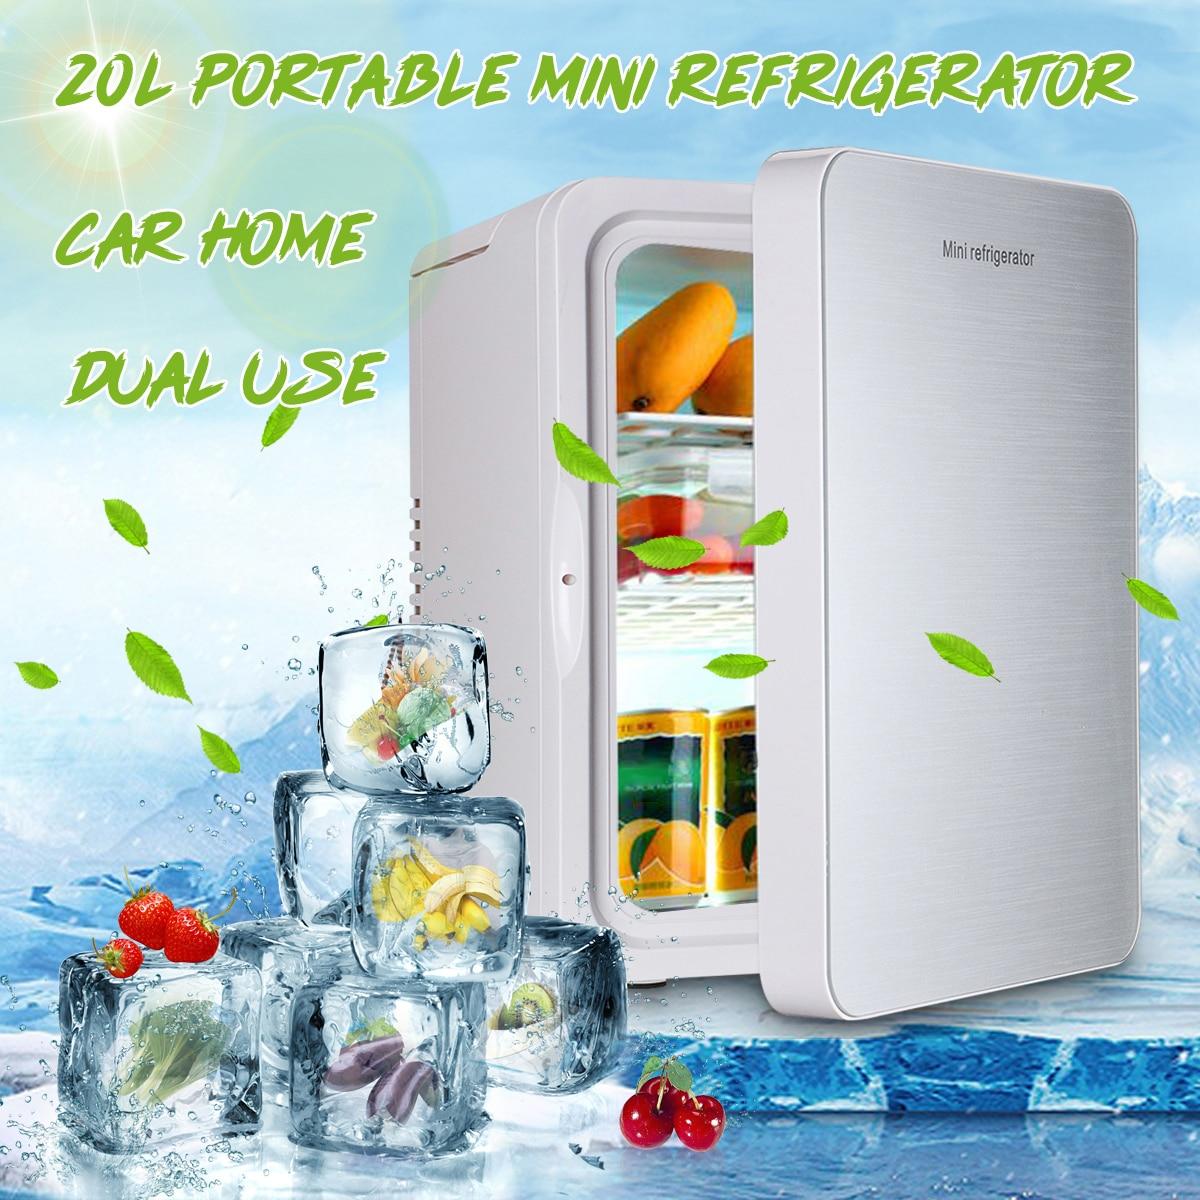 Double usage maison voiture 20L réfrigérateur Portable réfrigérateur Mini réfrigérateurs 12V 56W